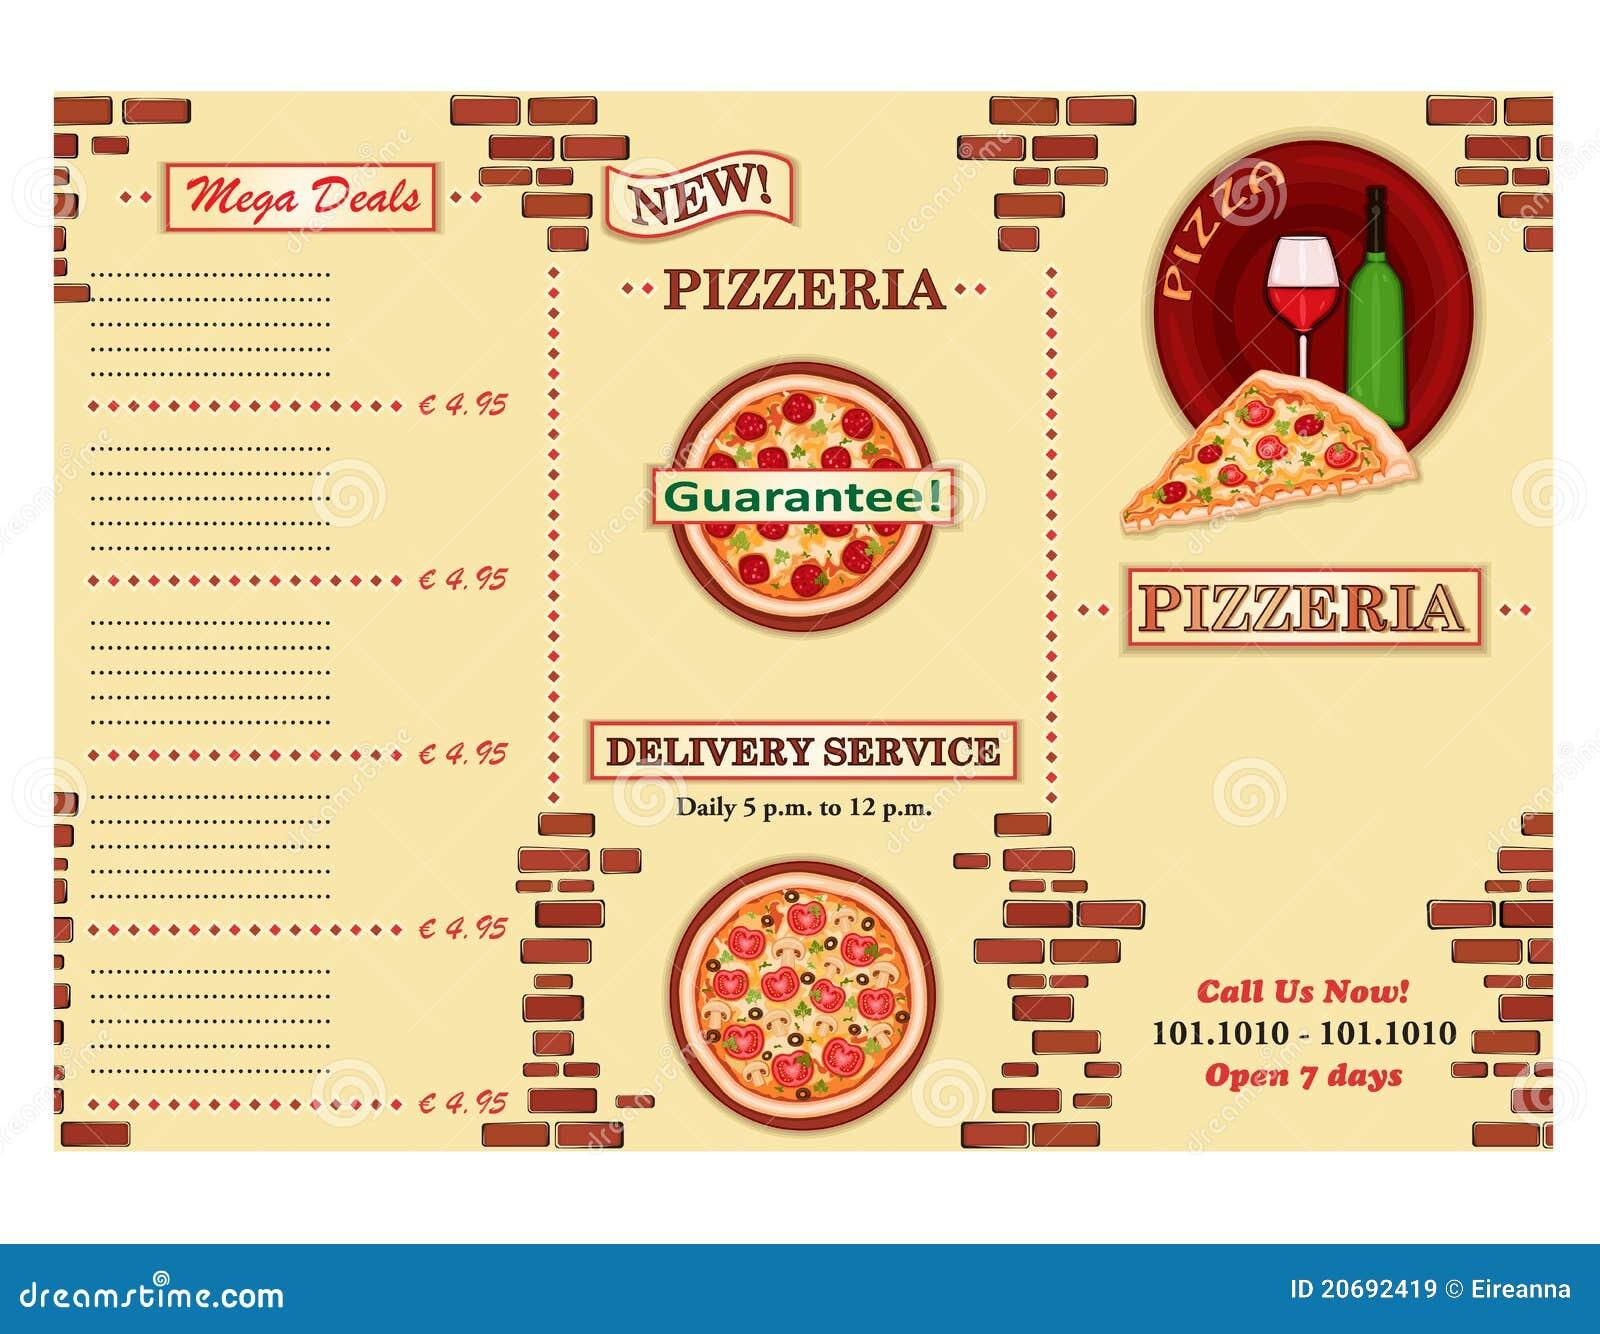 feuillet de restaurant de pizzeria images libres de droits